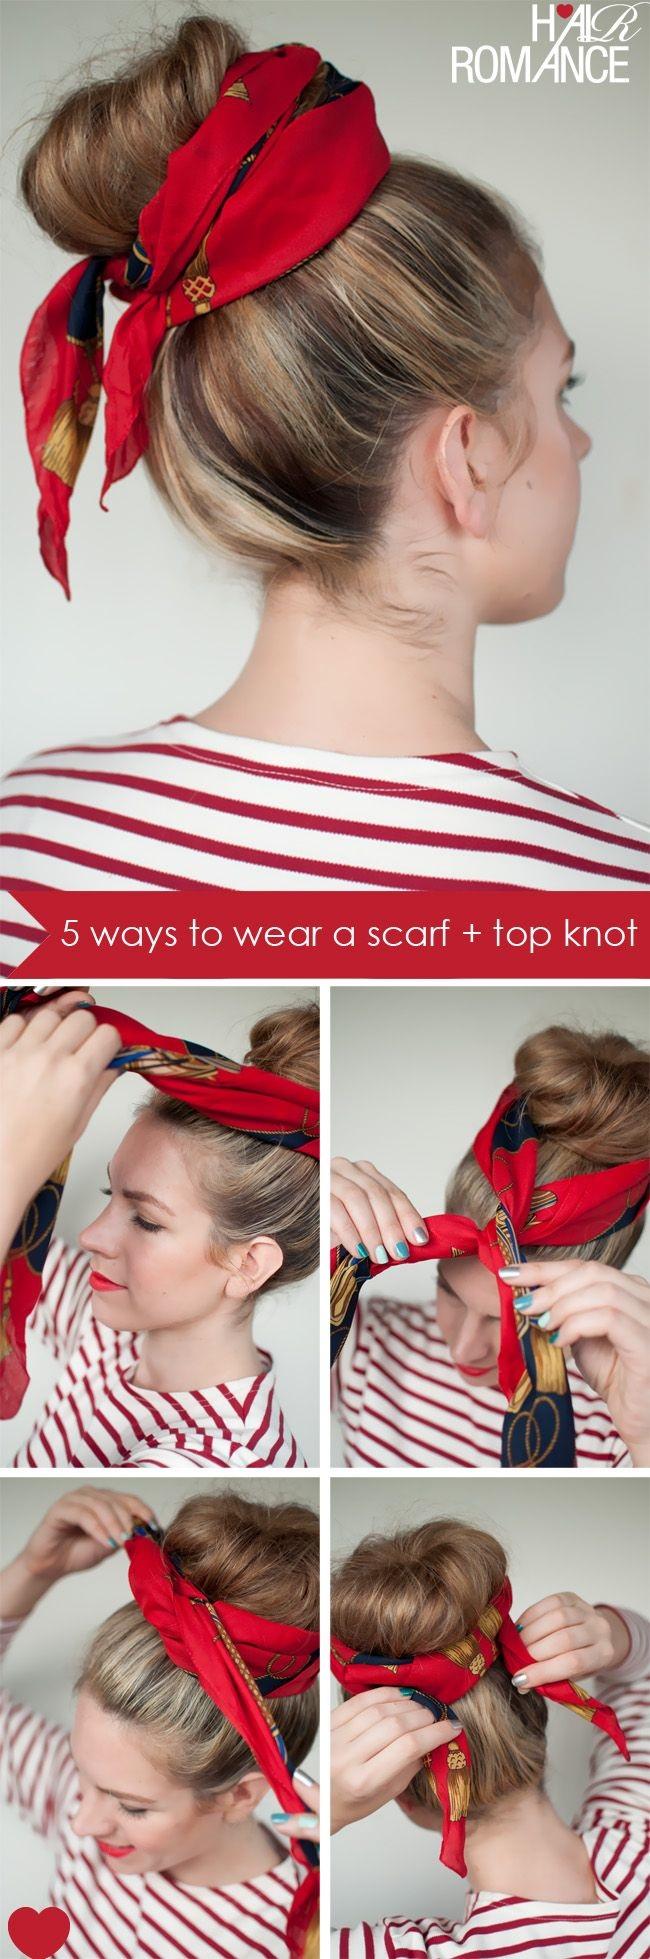 coiffure-foulard-10